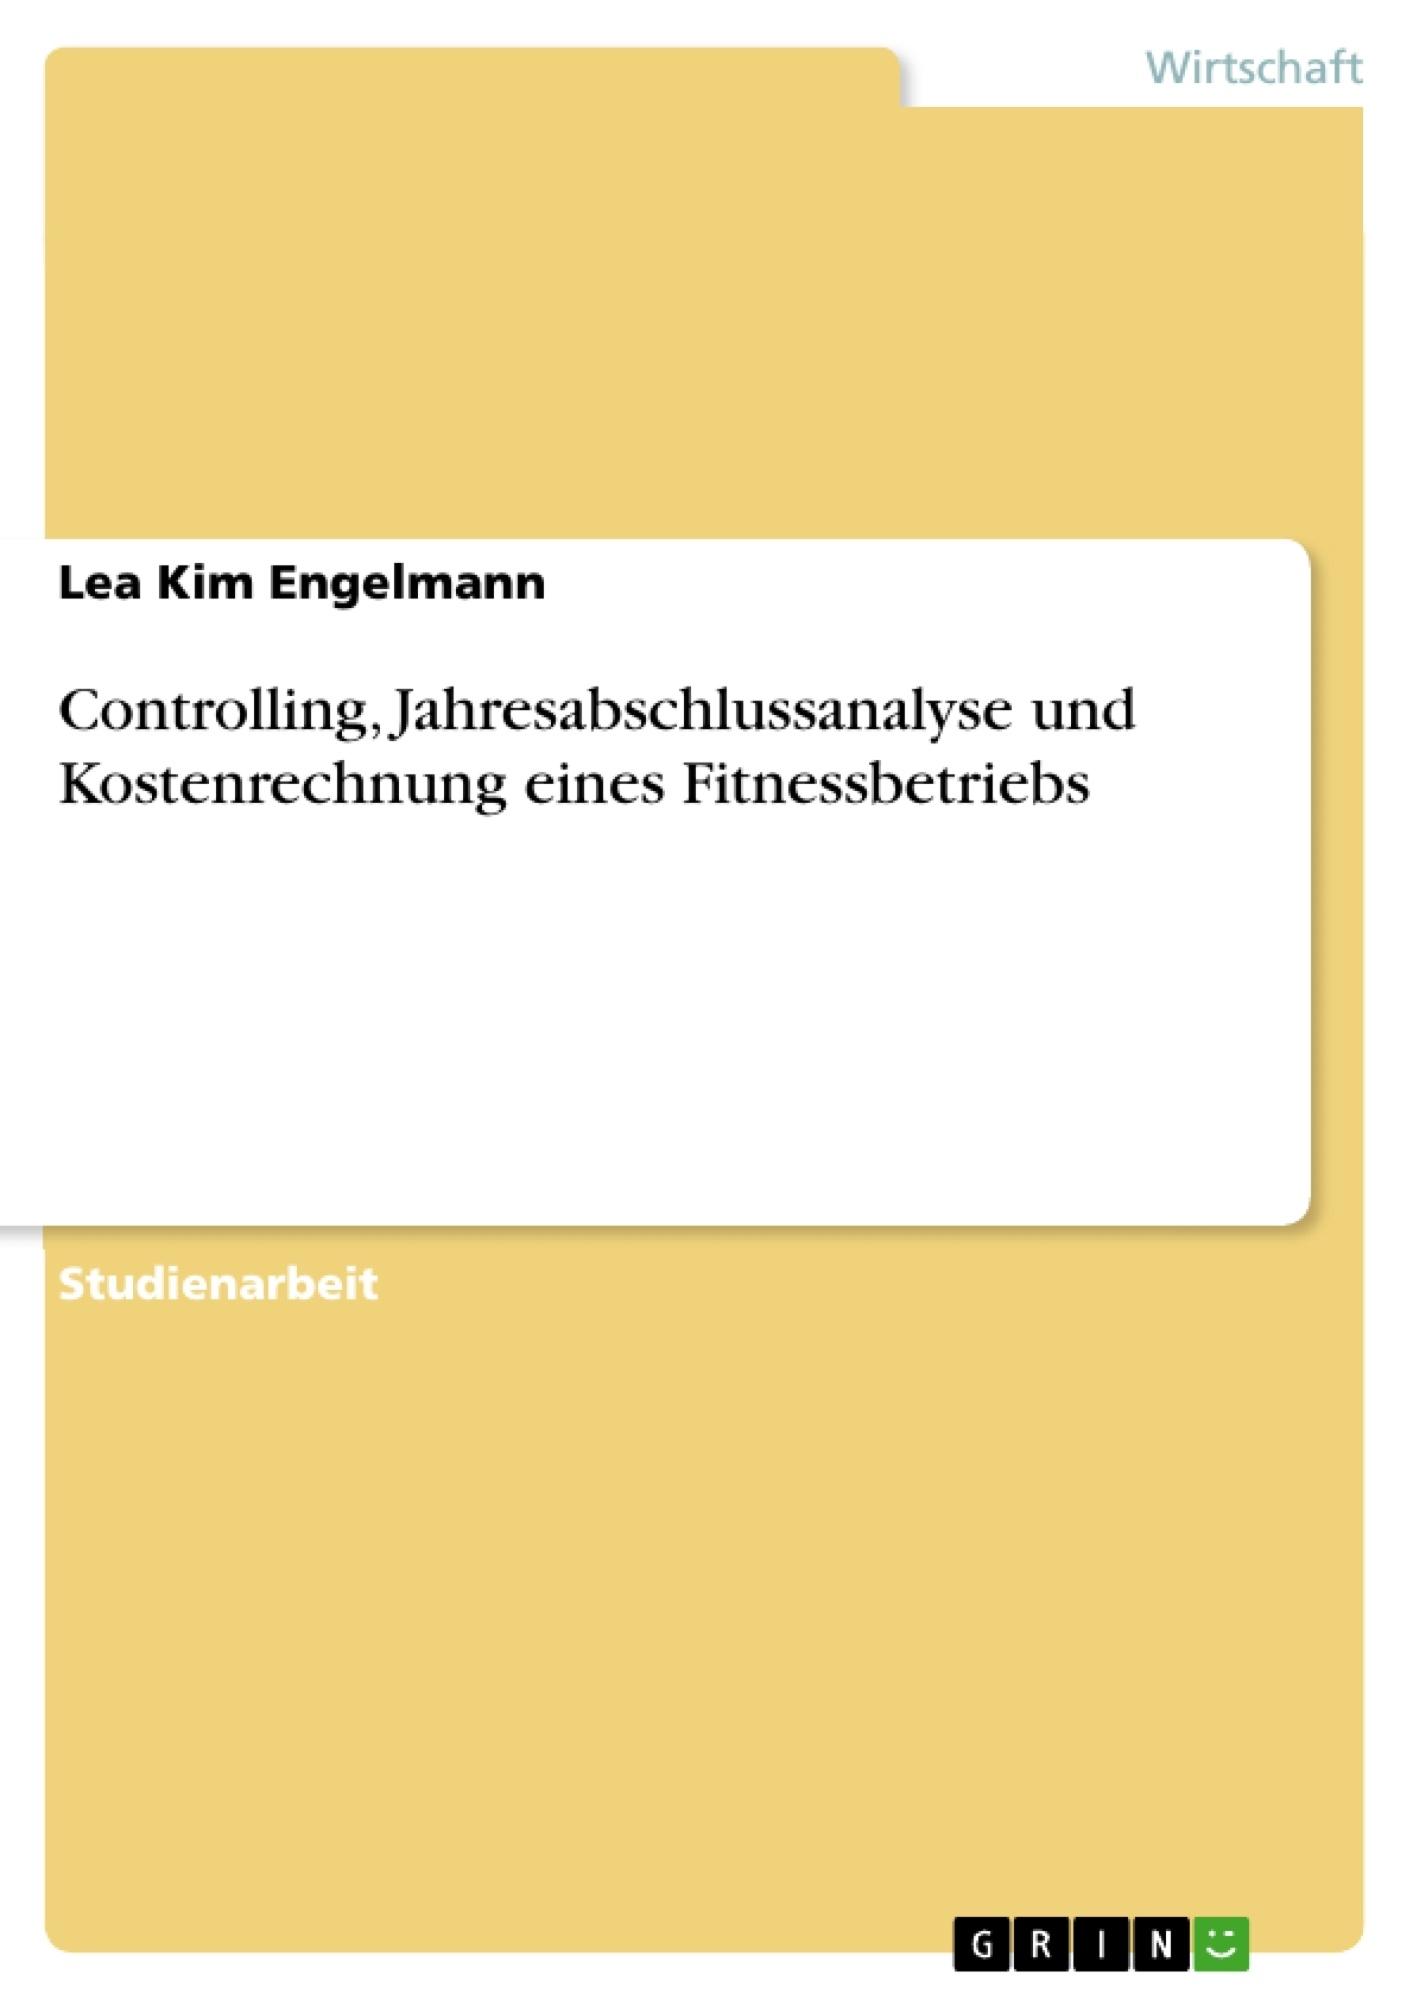 Titel: Controlling, Jahresabschlussanalyse und Kostenrechnung eines Fitnessbetriebs